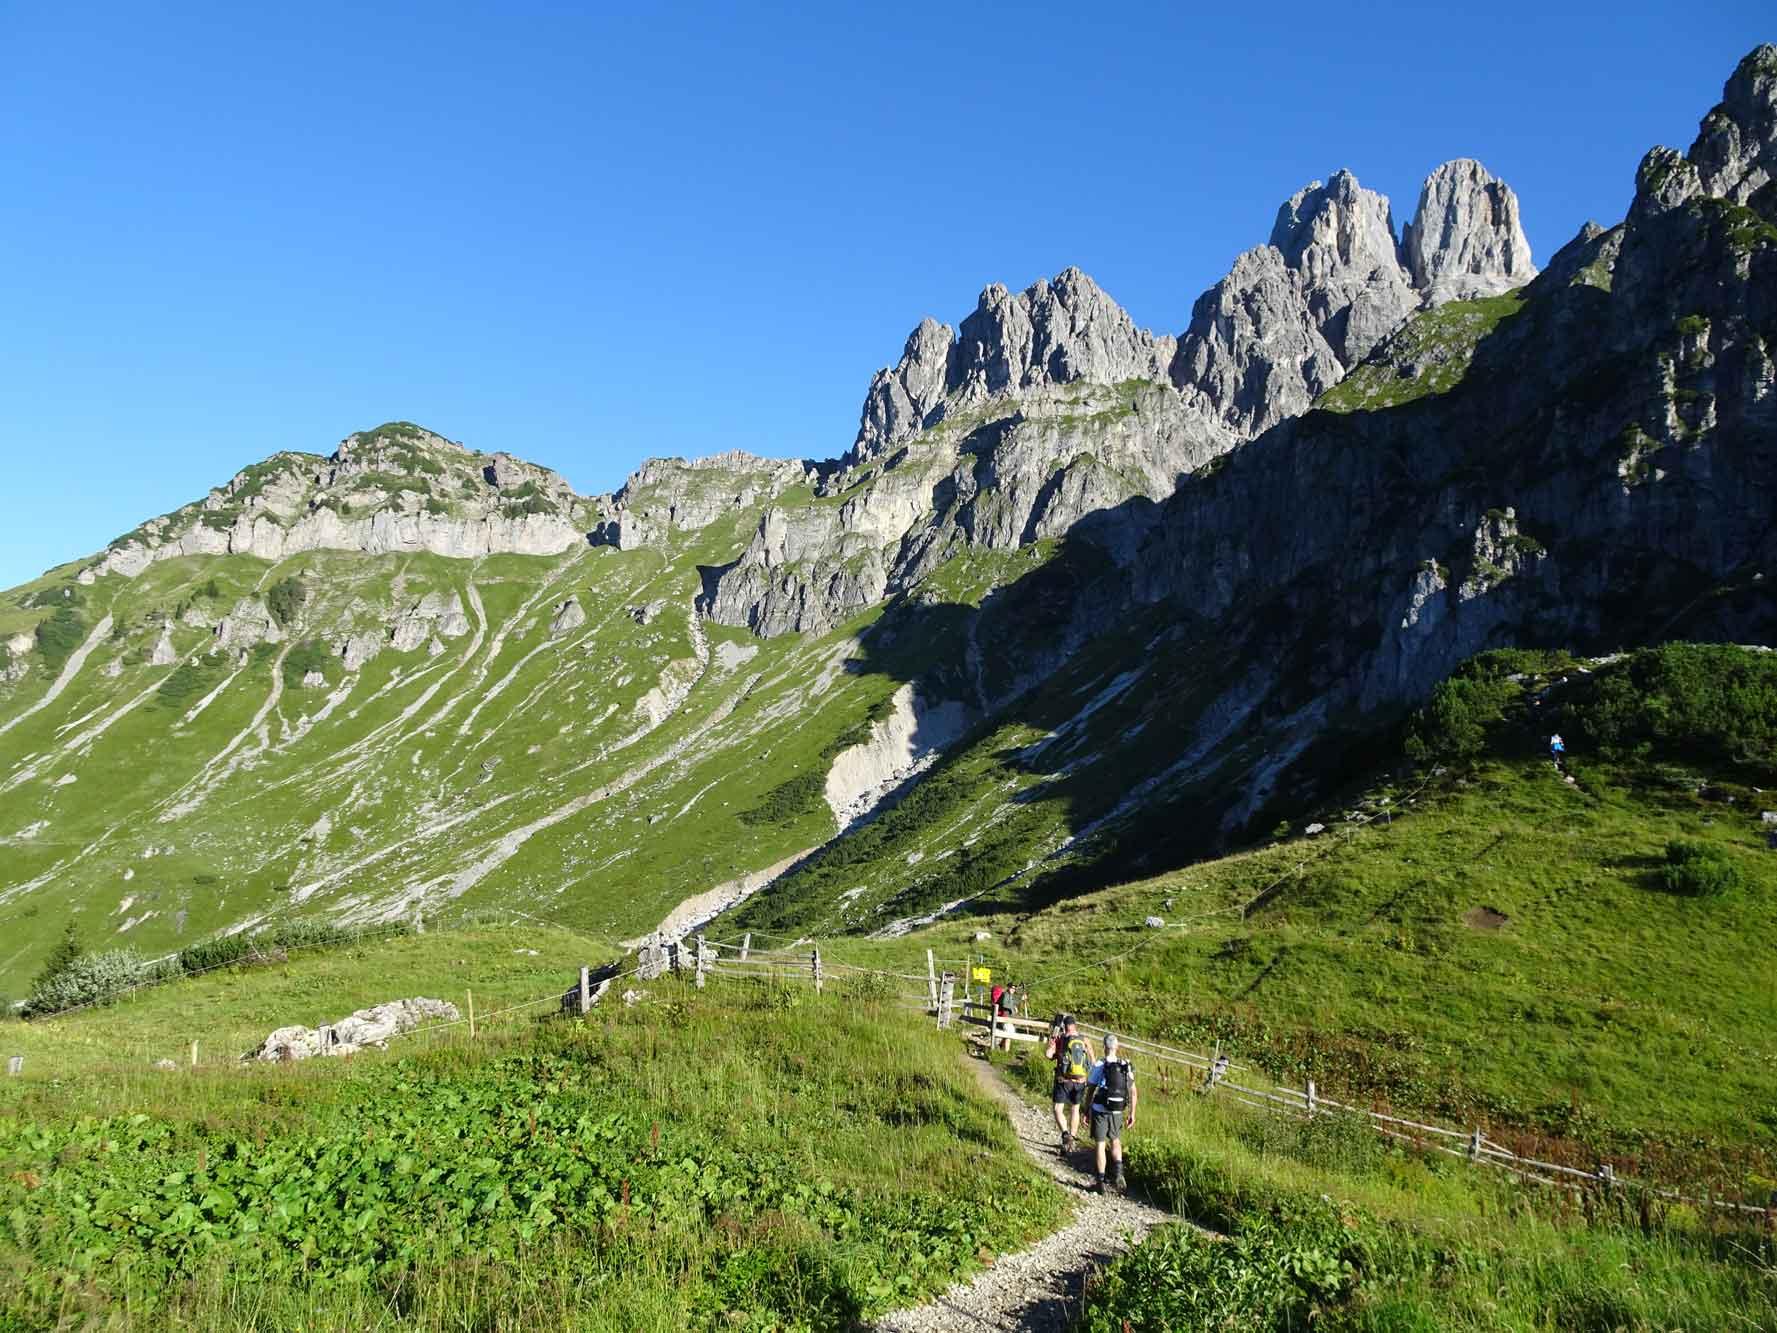 DachsteinHöhenRundweg-Gosaukamm-Wanderwegweiser-4